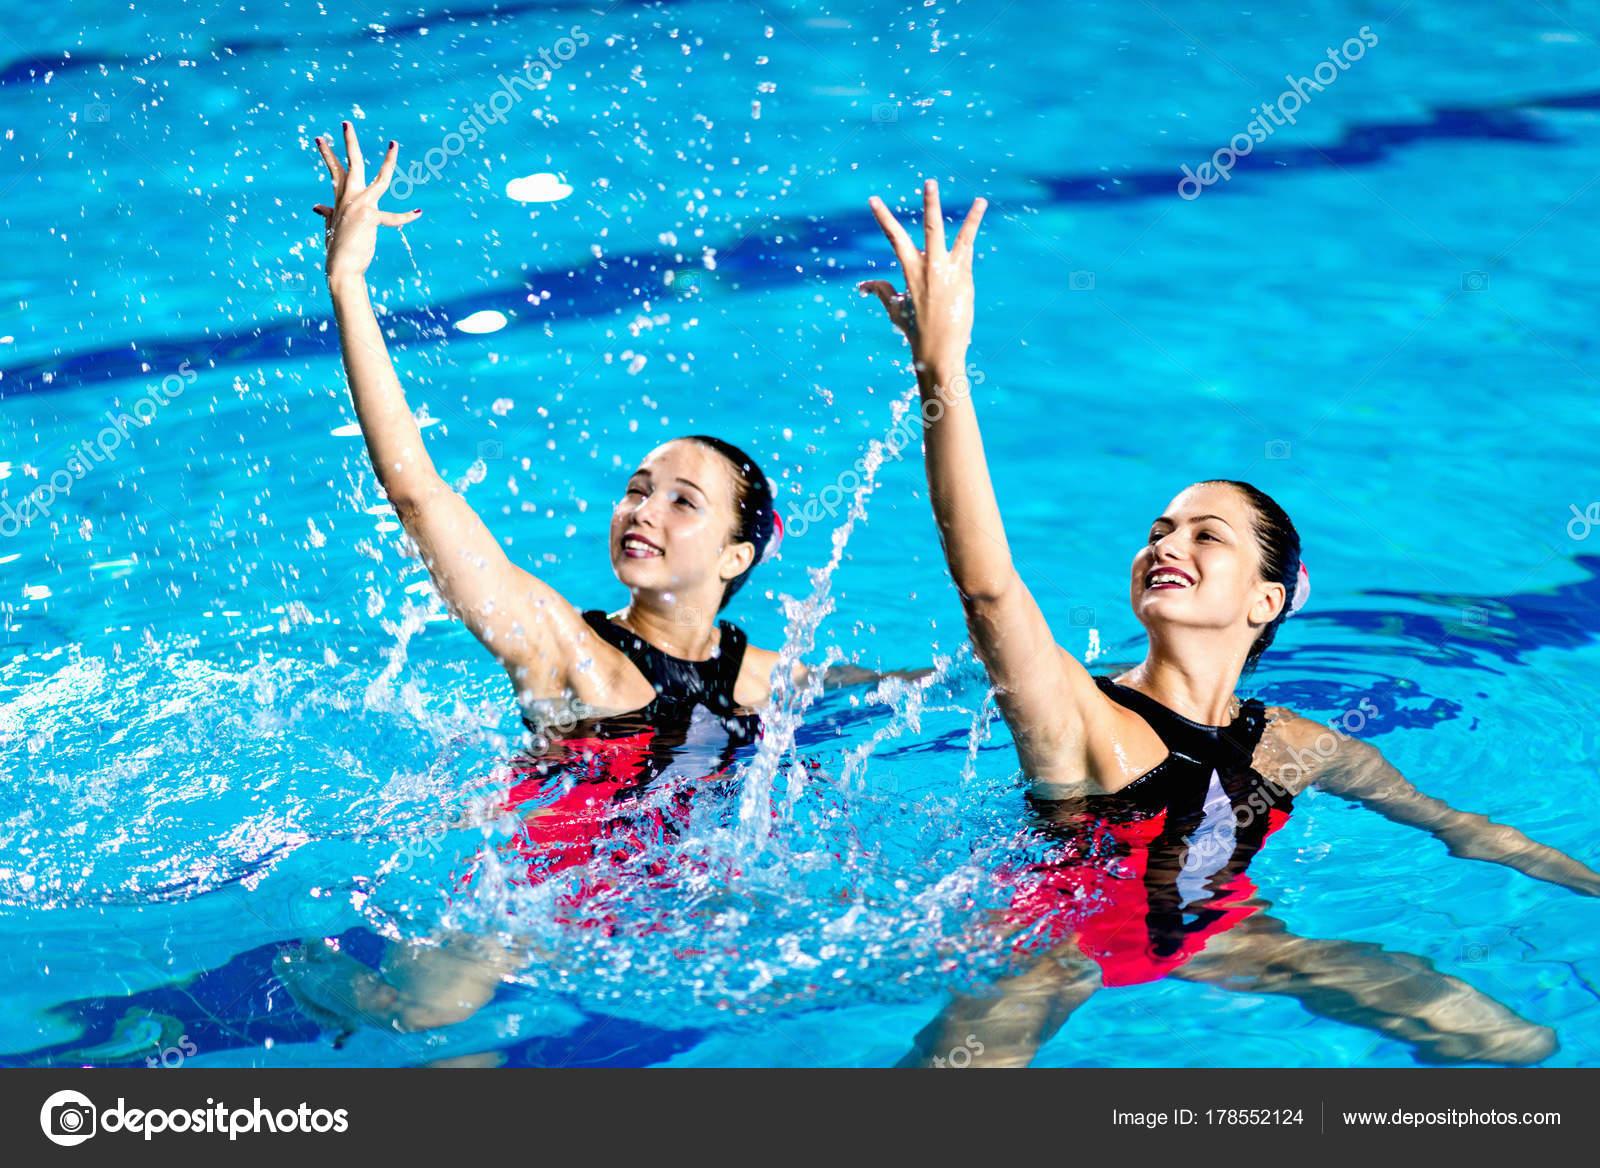 Синхронное плавание сексуально